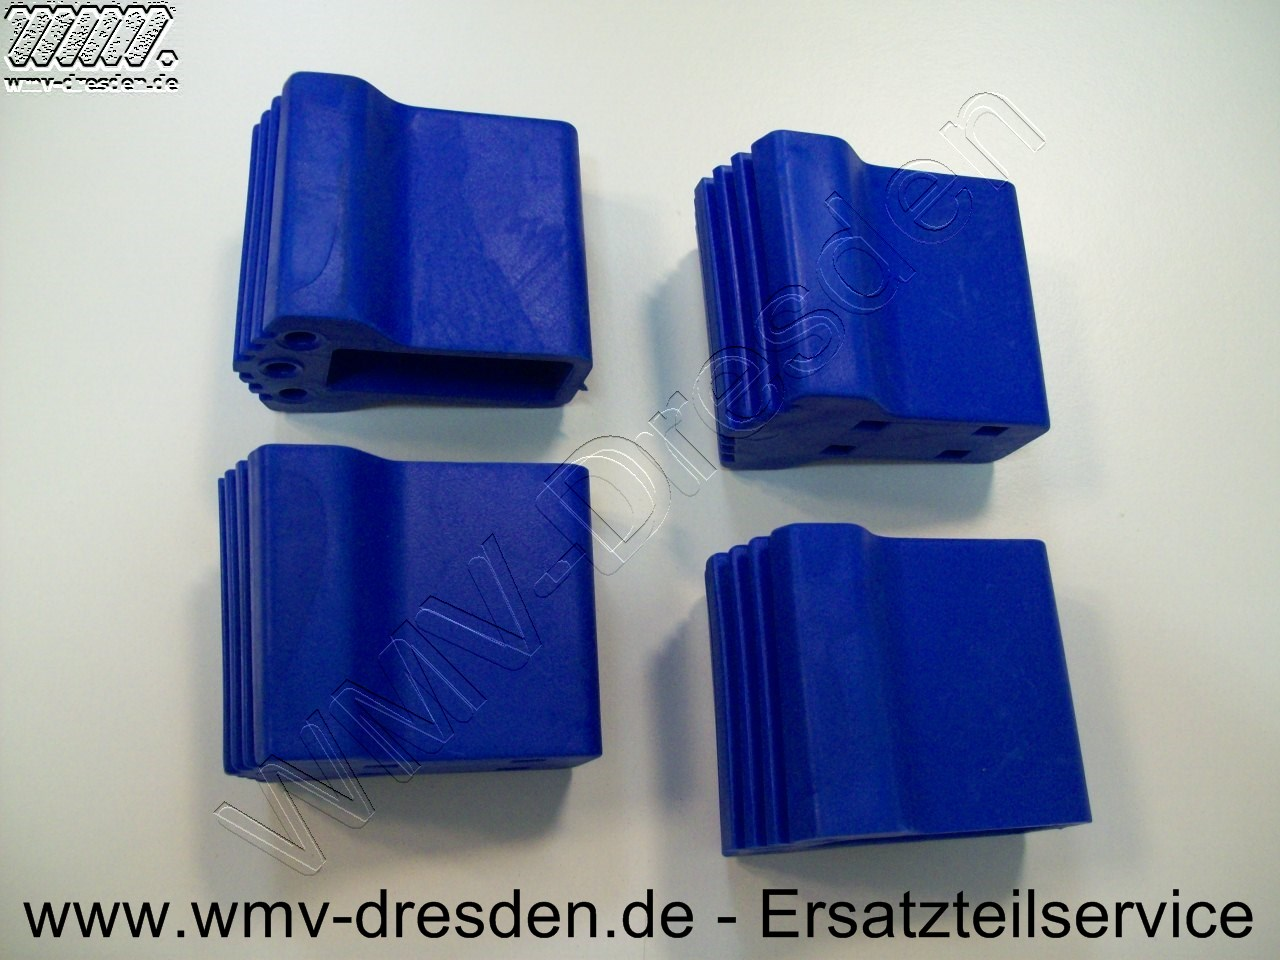 4er Satz Plastikschutzfüße für Vario 360 Leiter ( 6cm hoch, 7,5cm breit, Loch 2,3x5,1 )